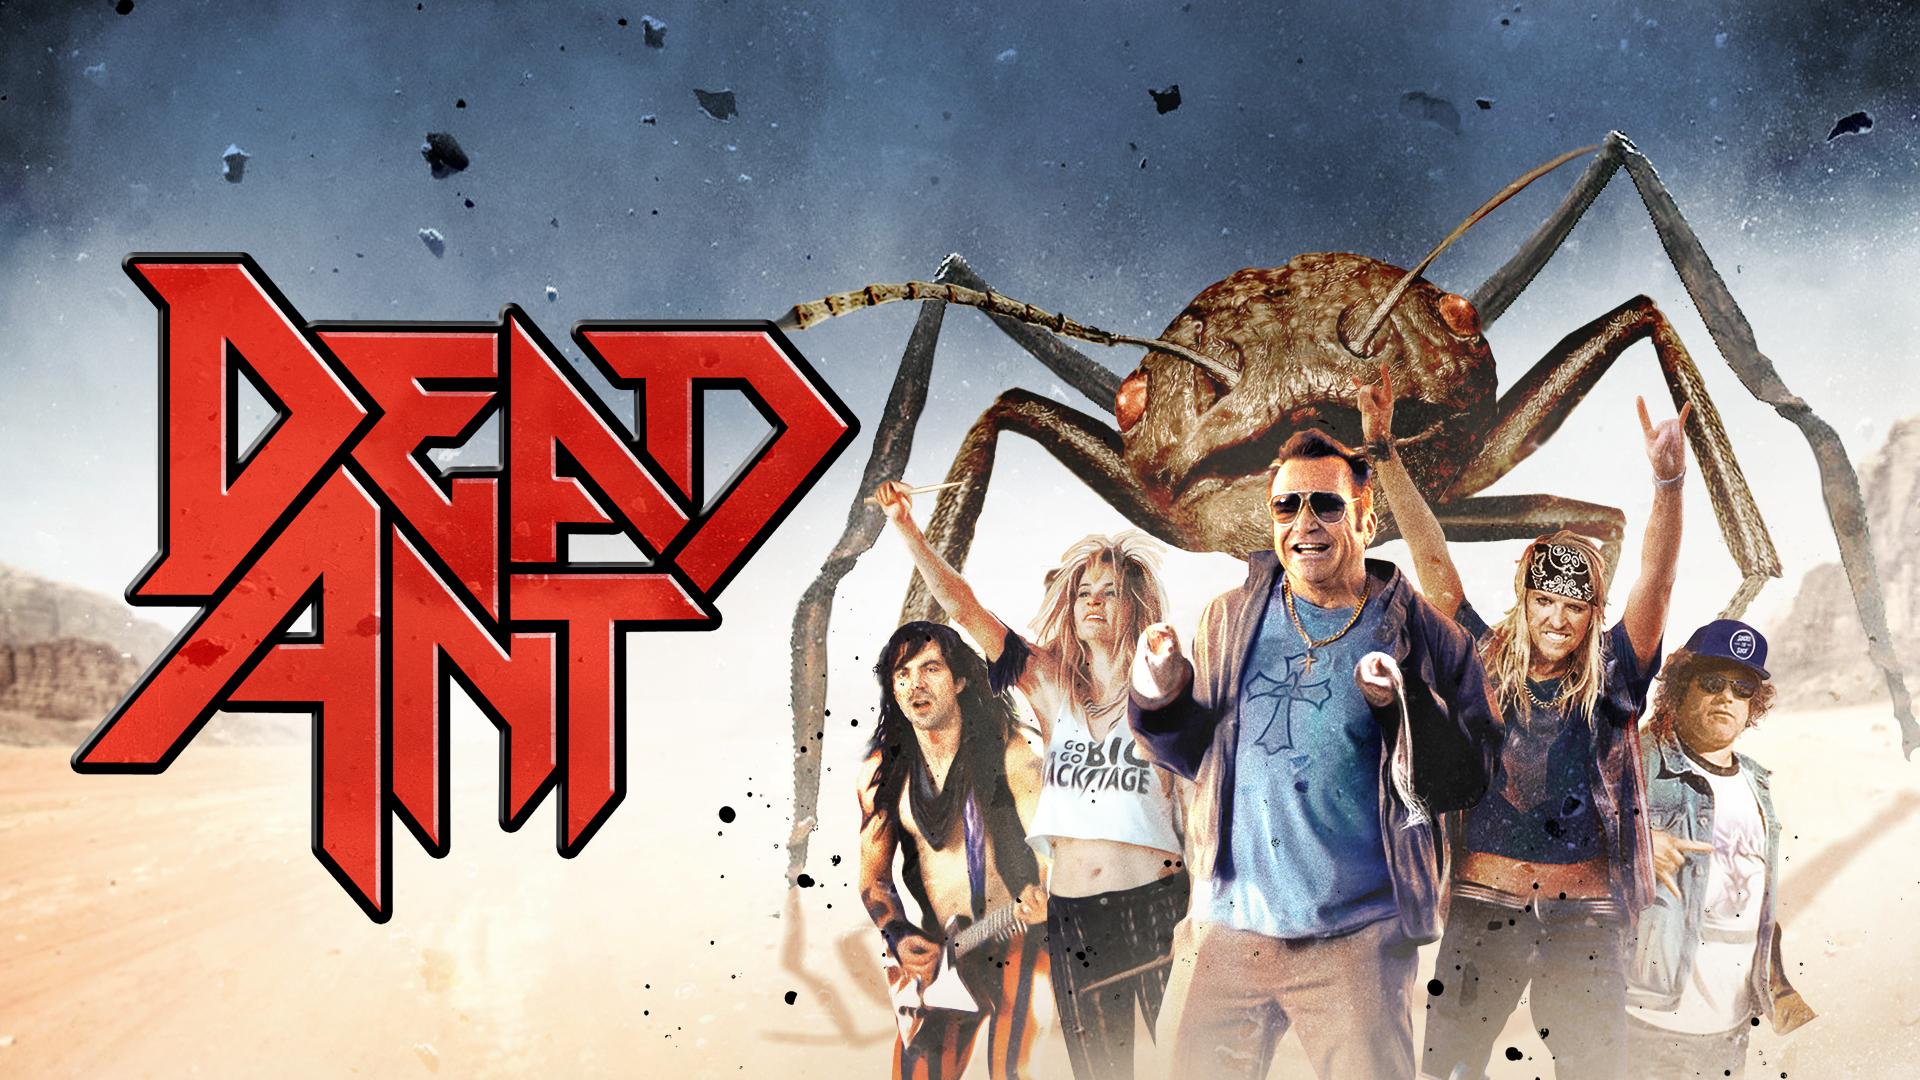 Dead Ant - Monsters vs. Metal